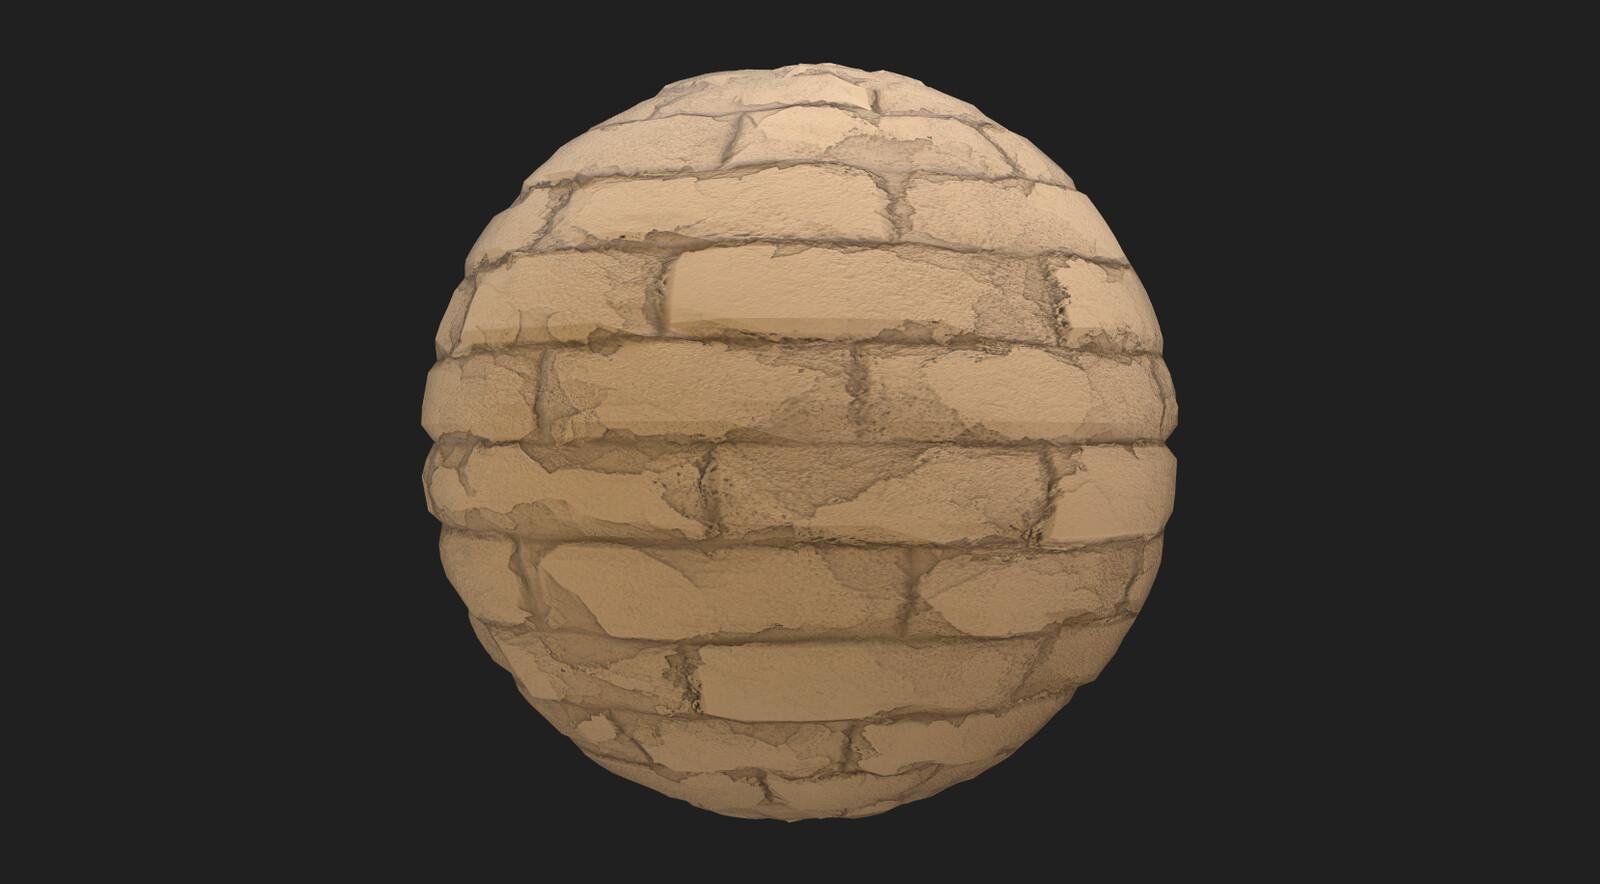 Brick material 1